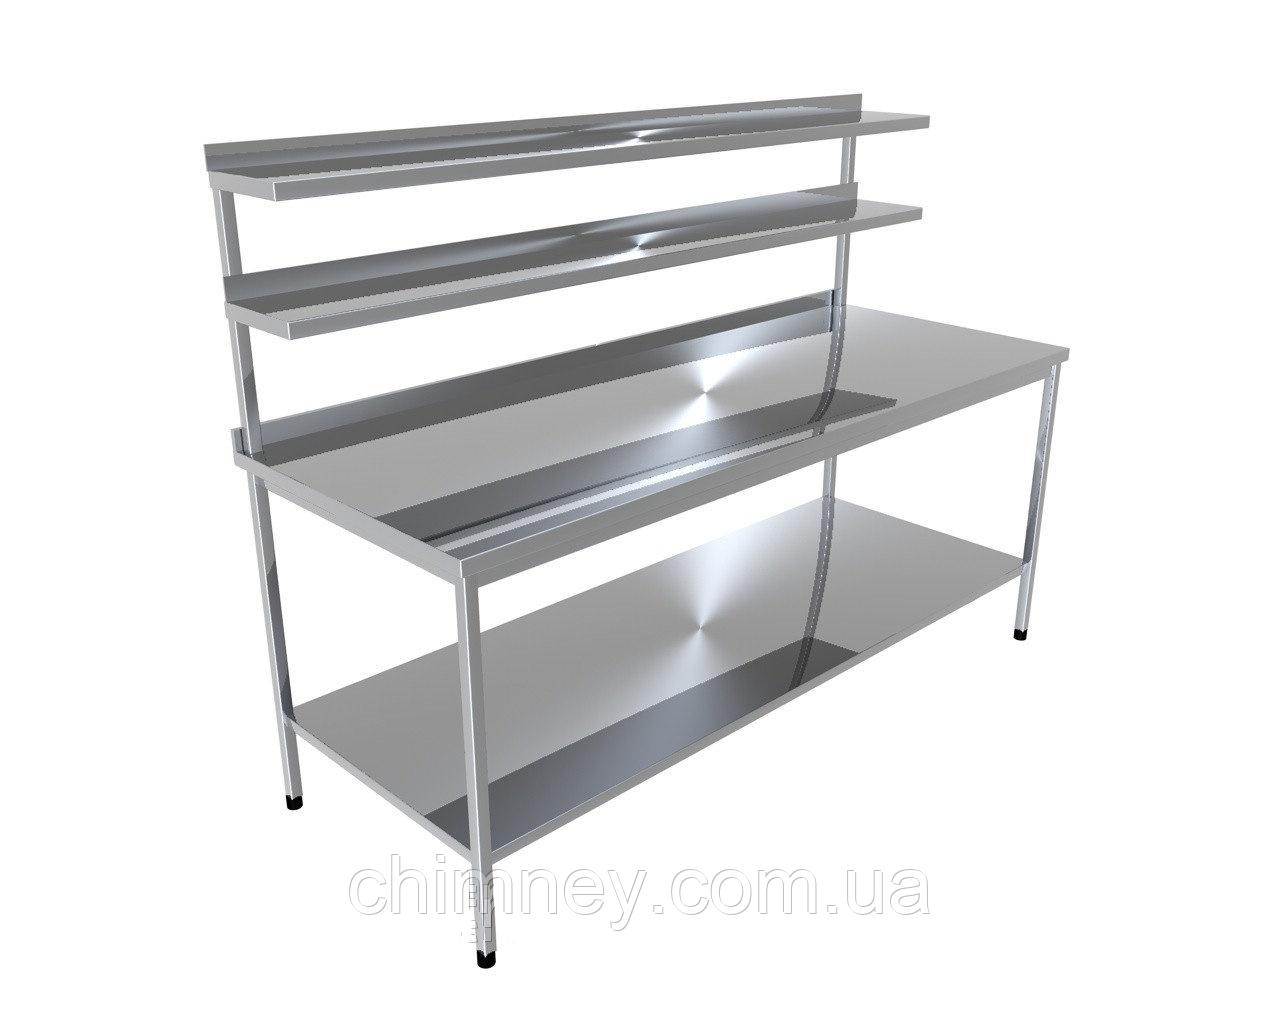 Стіл виробничий з двома верхніми полицями і однієї нижньої CHIMNEYBUD, 1400x900x850 мм (нержавіюча сталь/304)